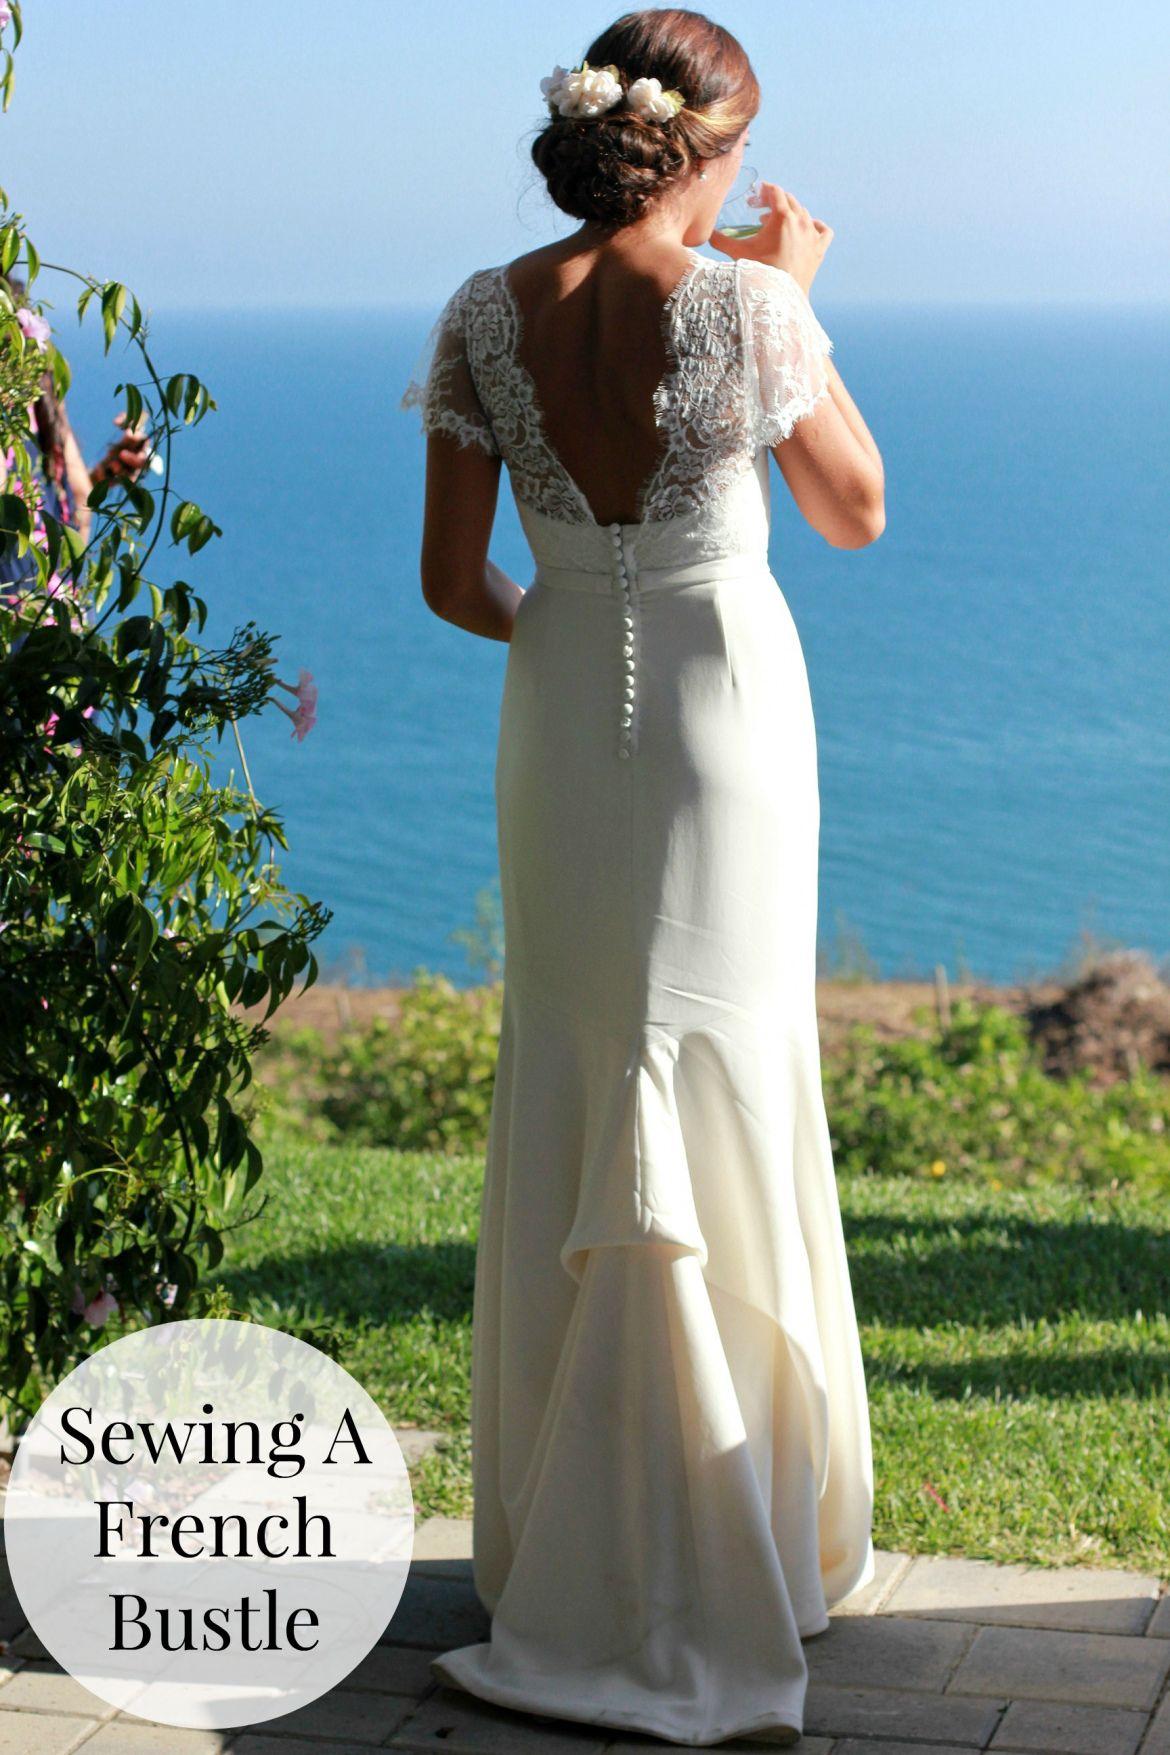 50+ French Bustle Wedding Dress - Informal Wedding Dresses for Older ...